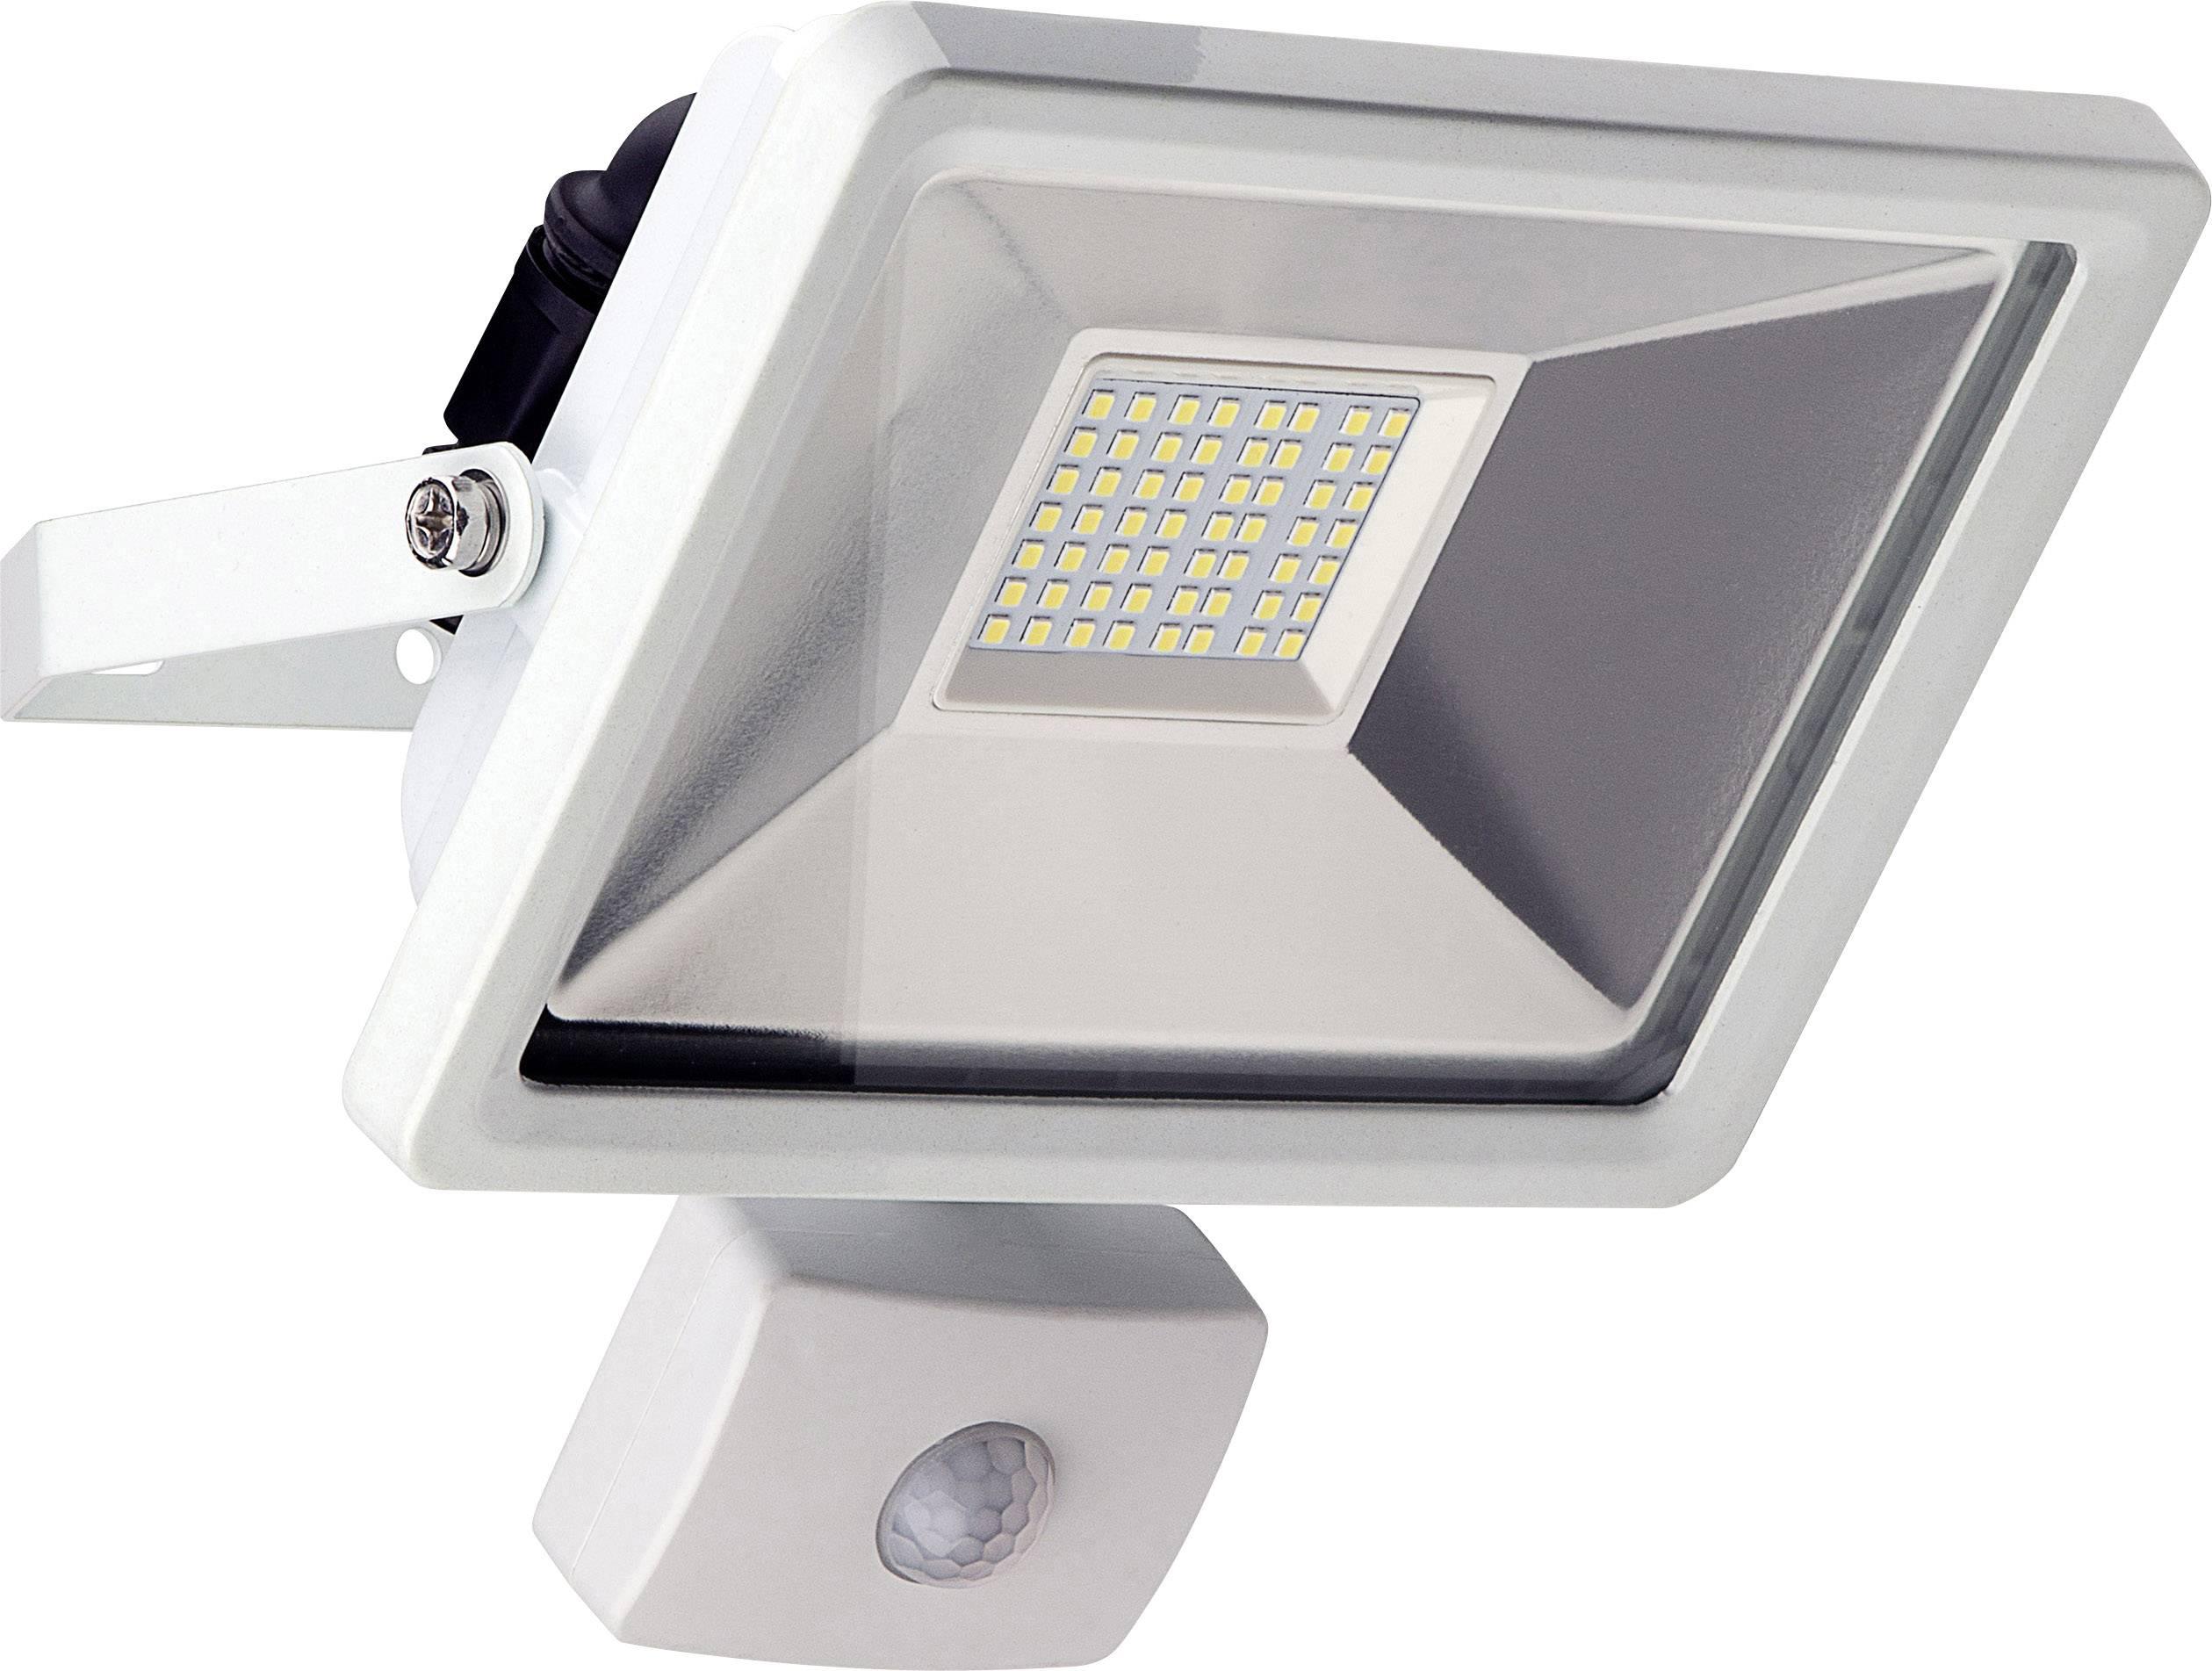 Projecteur LED Extérieur Avec Détecteur De Mouvements Blanc Lumière Du Jour  Goobay 30 W Blanc